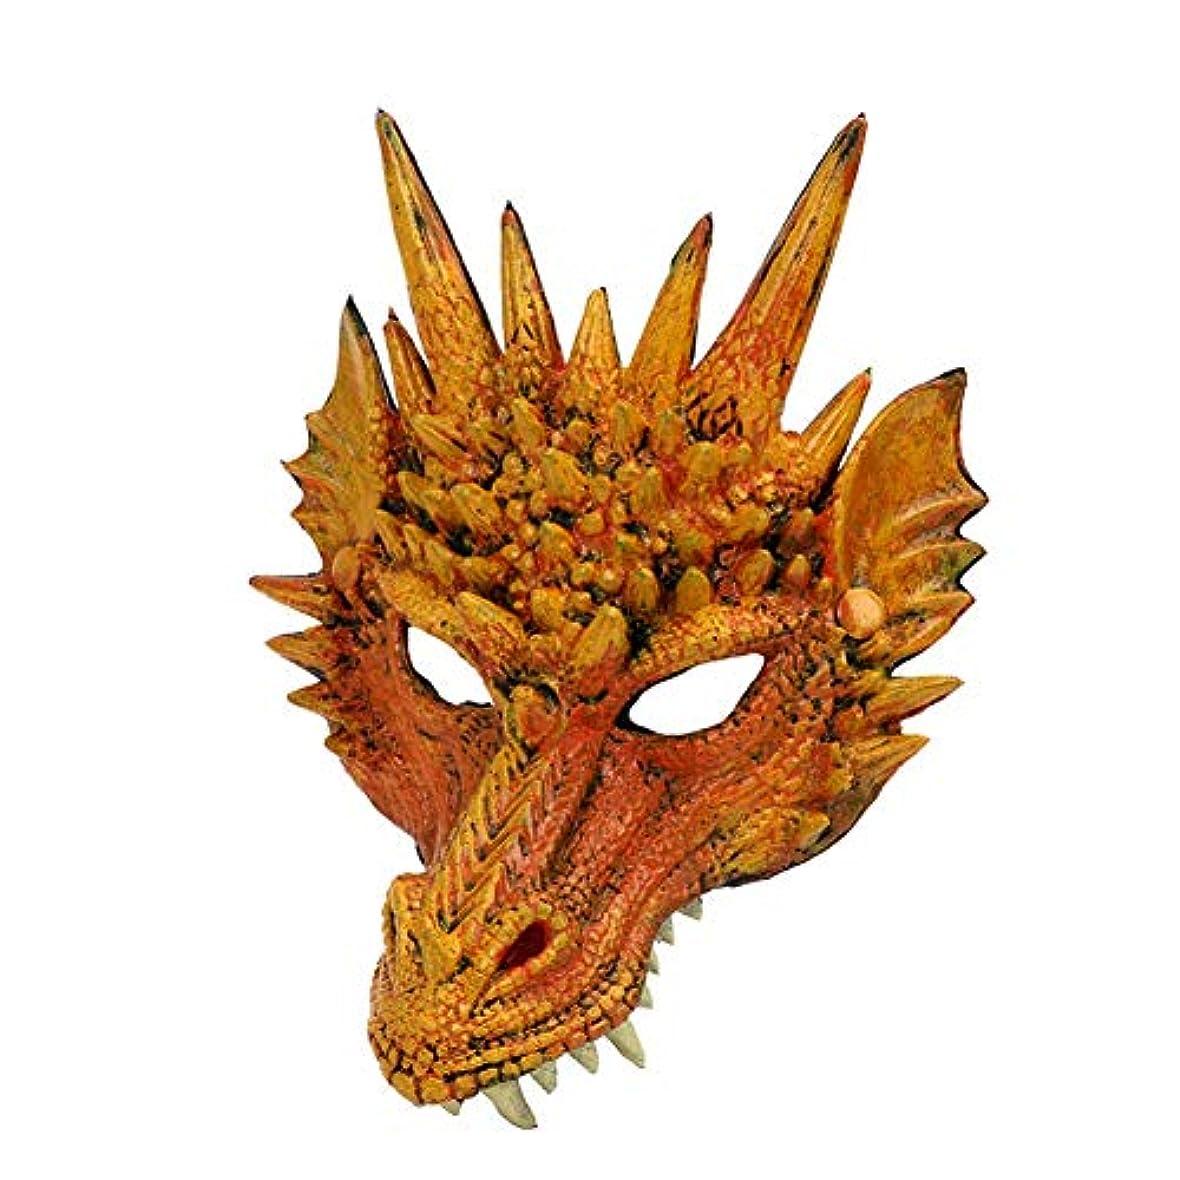 投げ捨てるケージ瞑想するEsolom 4Dドラゴンマスク ハーフマスク 10代の子供のためのハロウィンコスチューム パーティーの装飾 テーマパーティー用品 ドラゴンコスプレ小道具